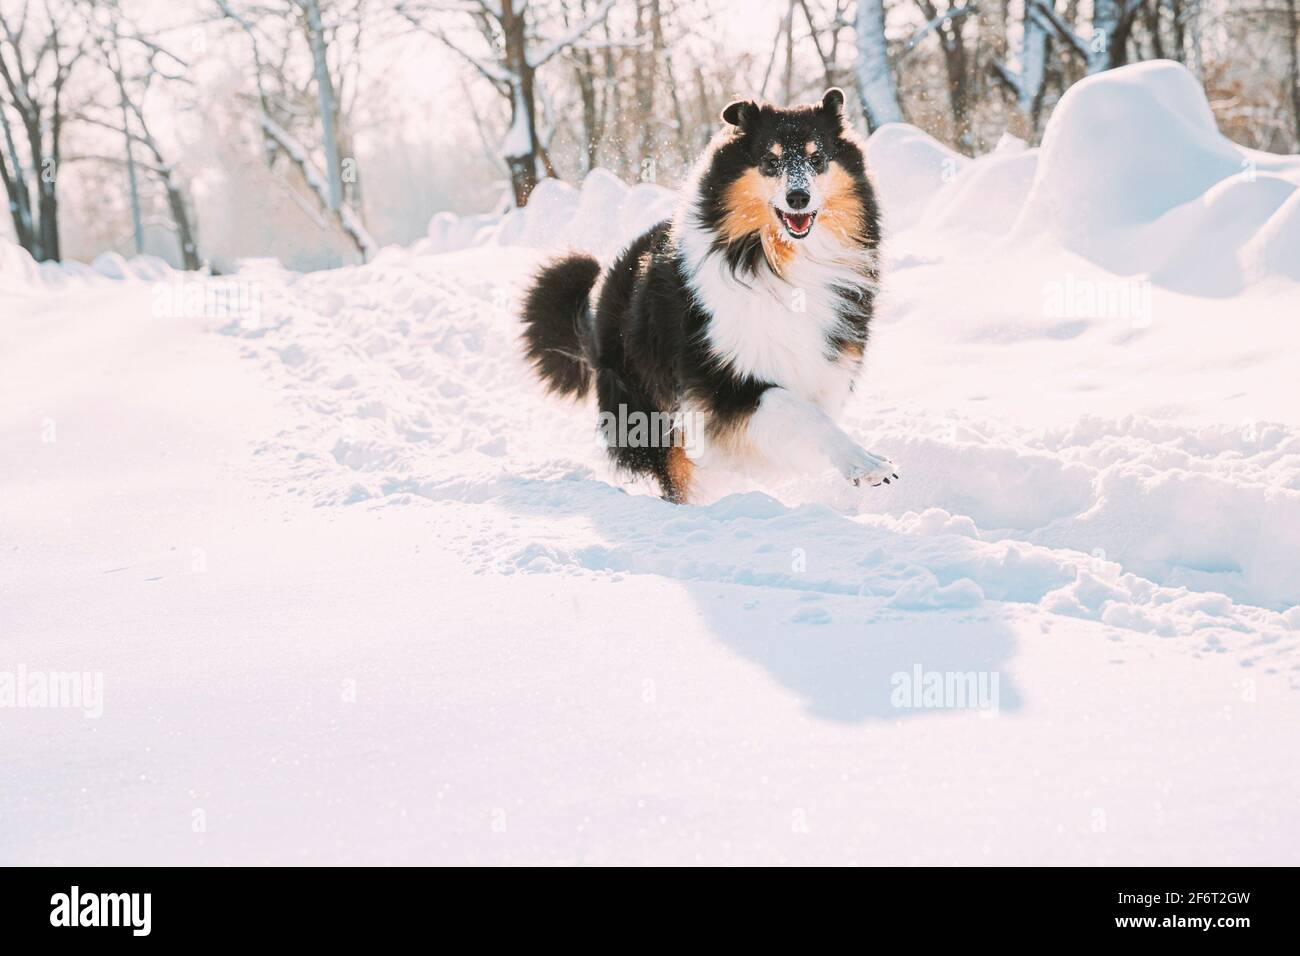 Lustig Junge Shetland Sheepdog, Sheltie, Collie schnell im Freien in Snowy Park läuft. Verspieltes Haustier im Winter Wald. Stockfoto